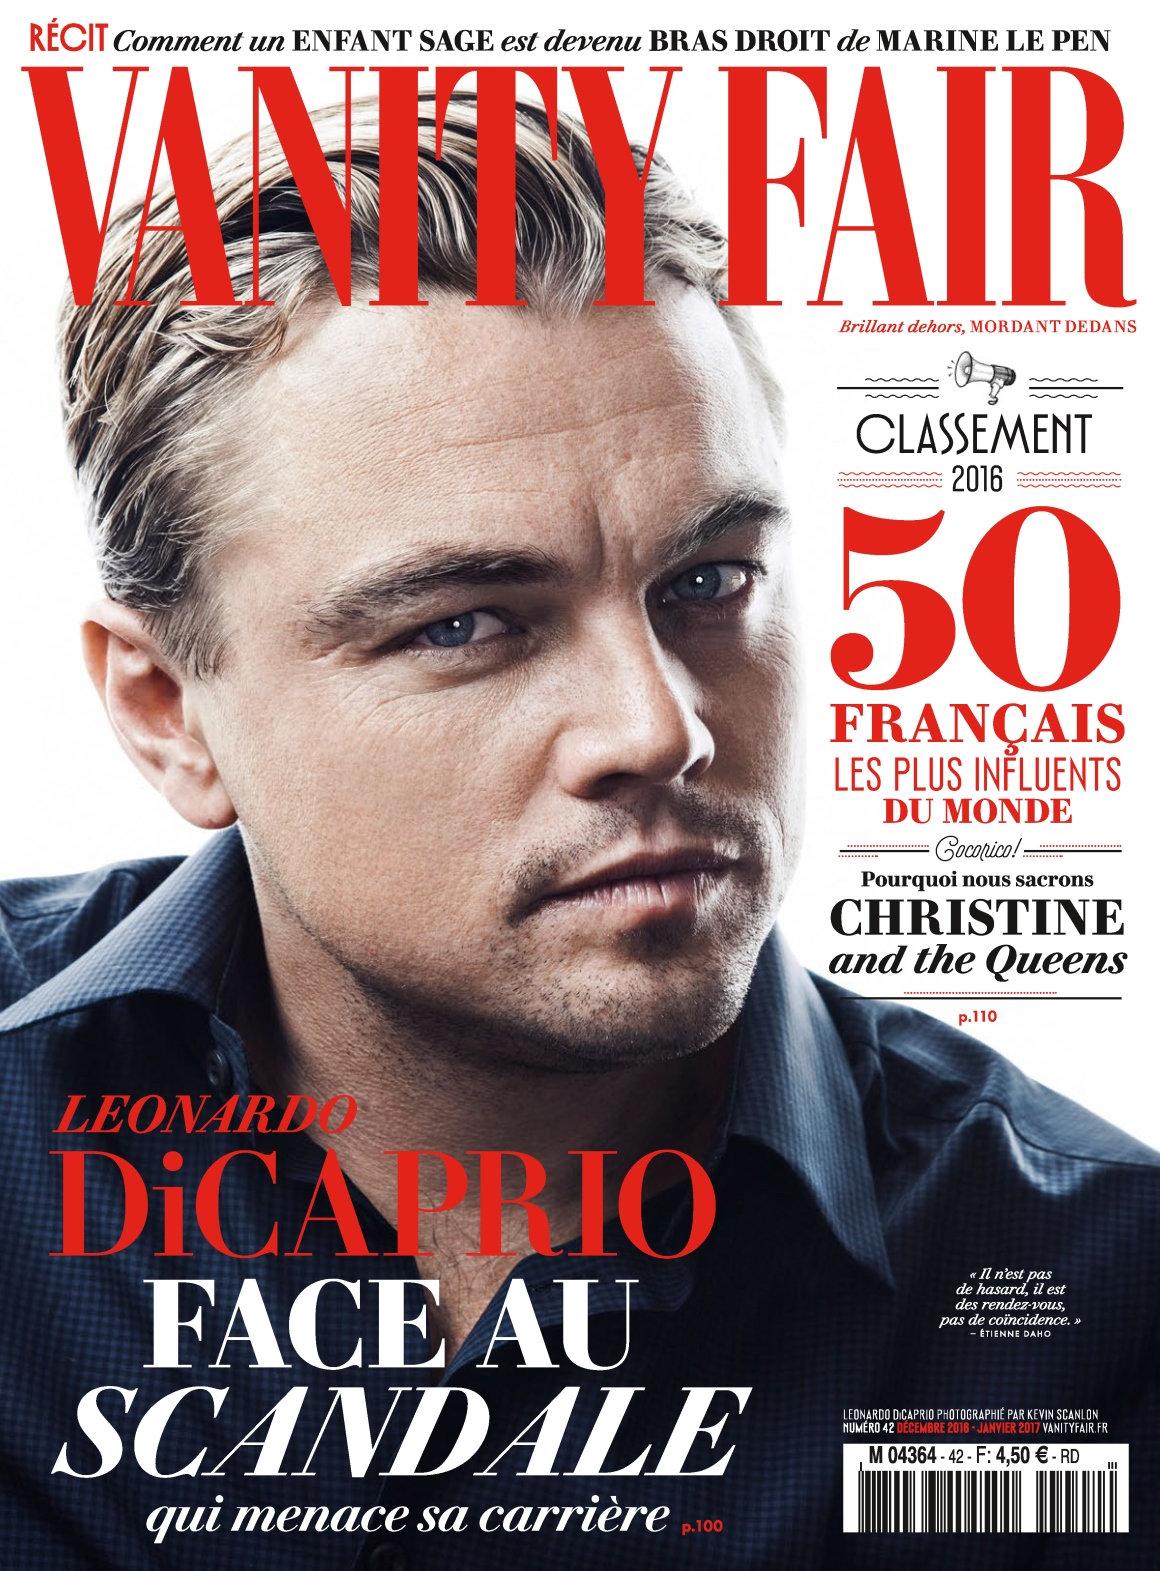 Vanity Fair 42 - Décembre 2016/Janvier 2017